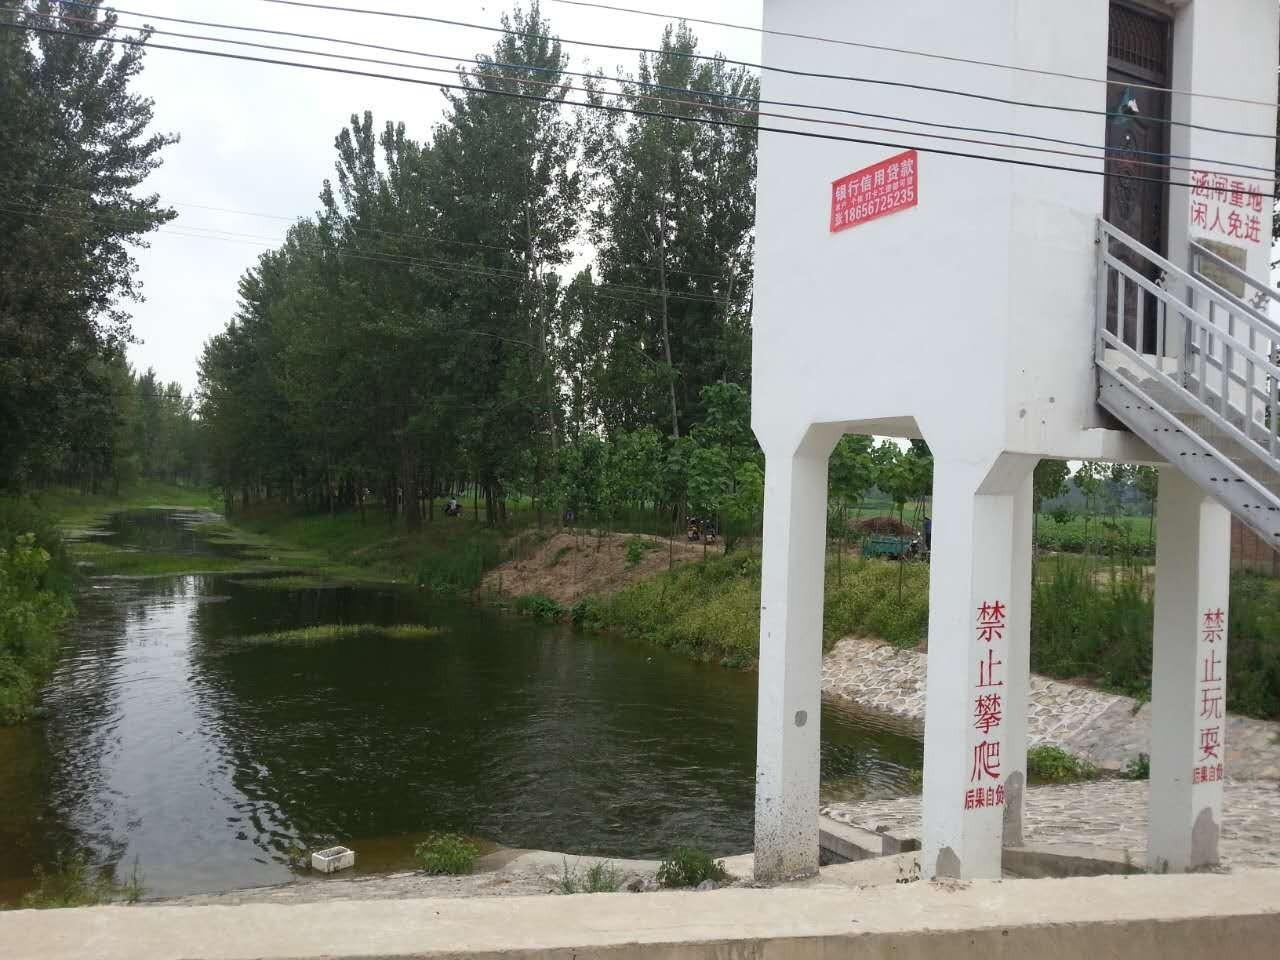 警示 涡阳一儿童溺水身亡丨涡阳城西发生一起车祸